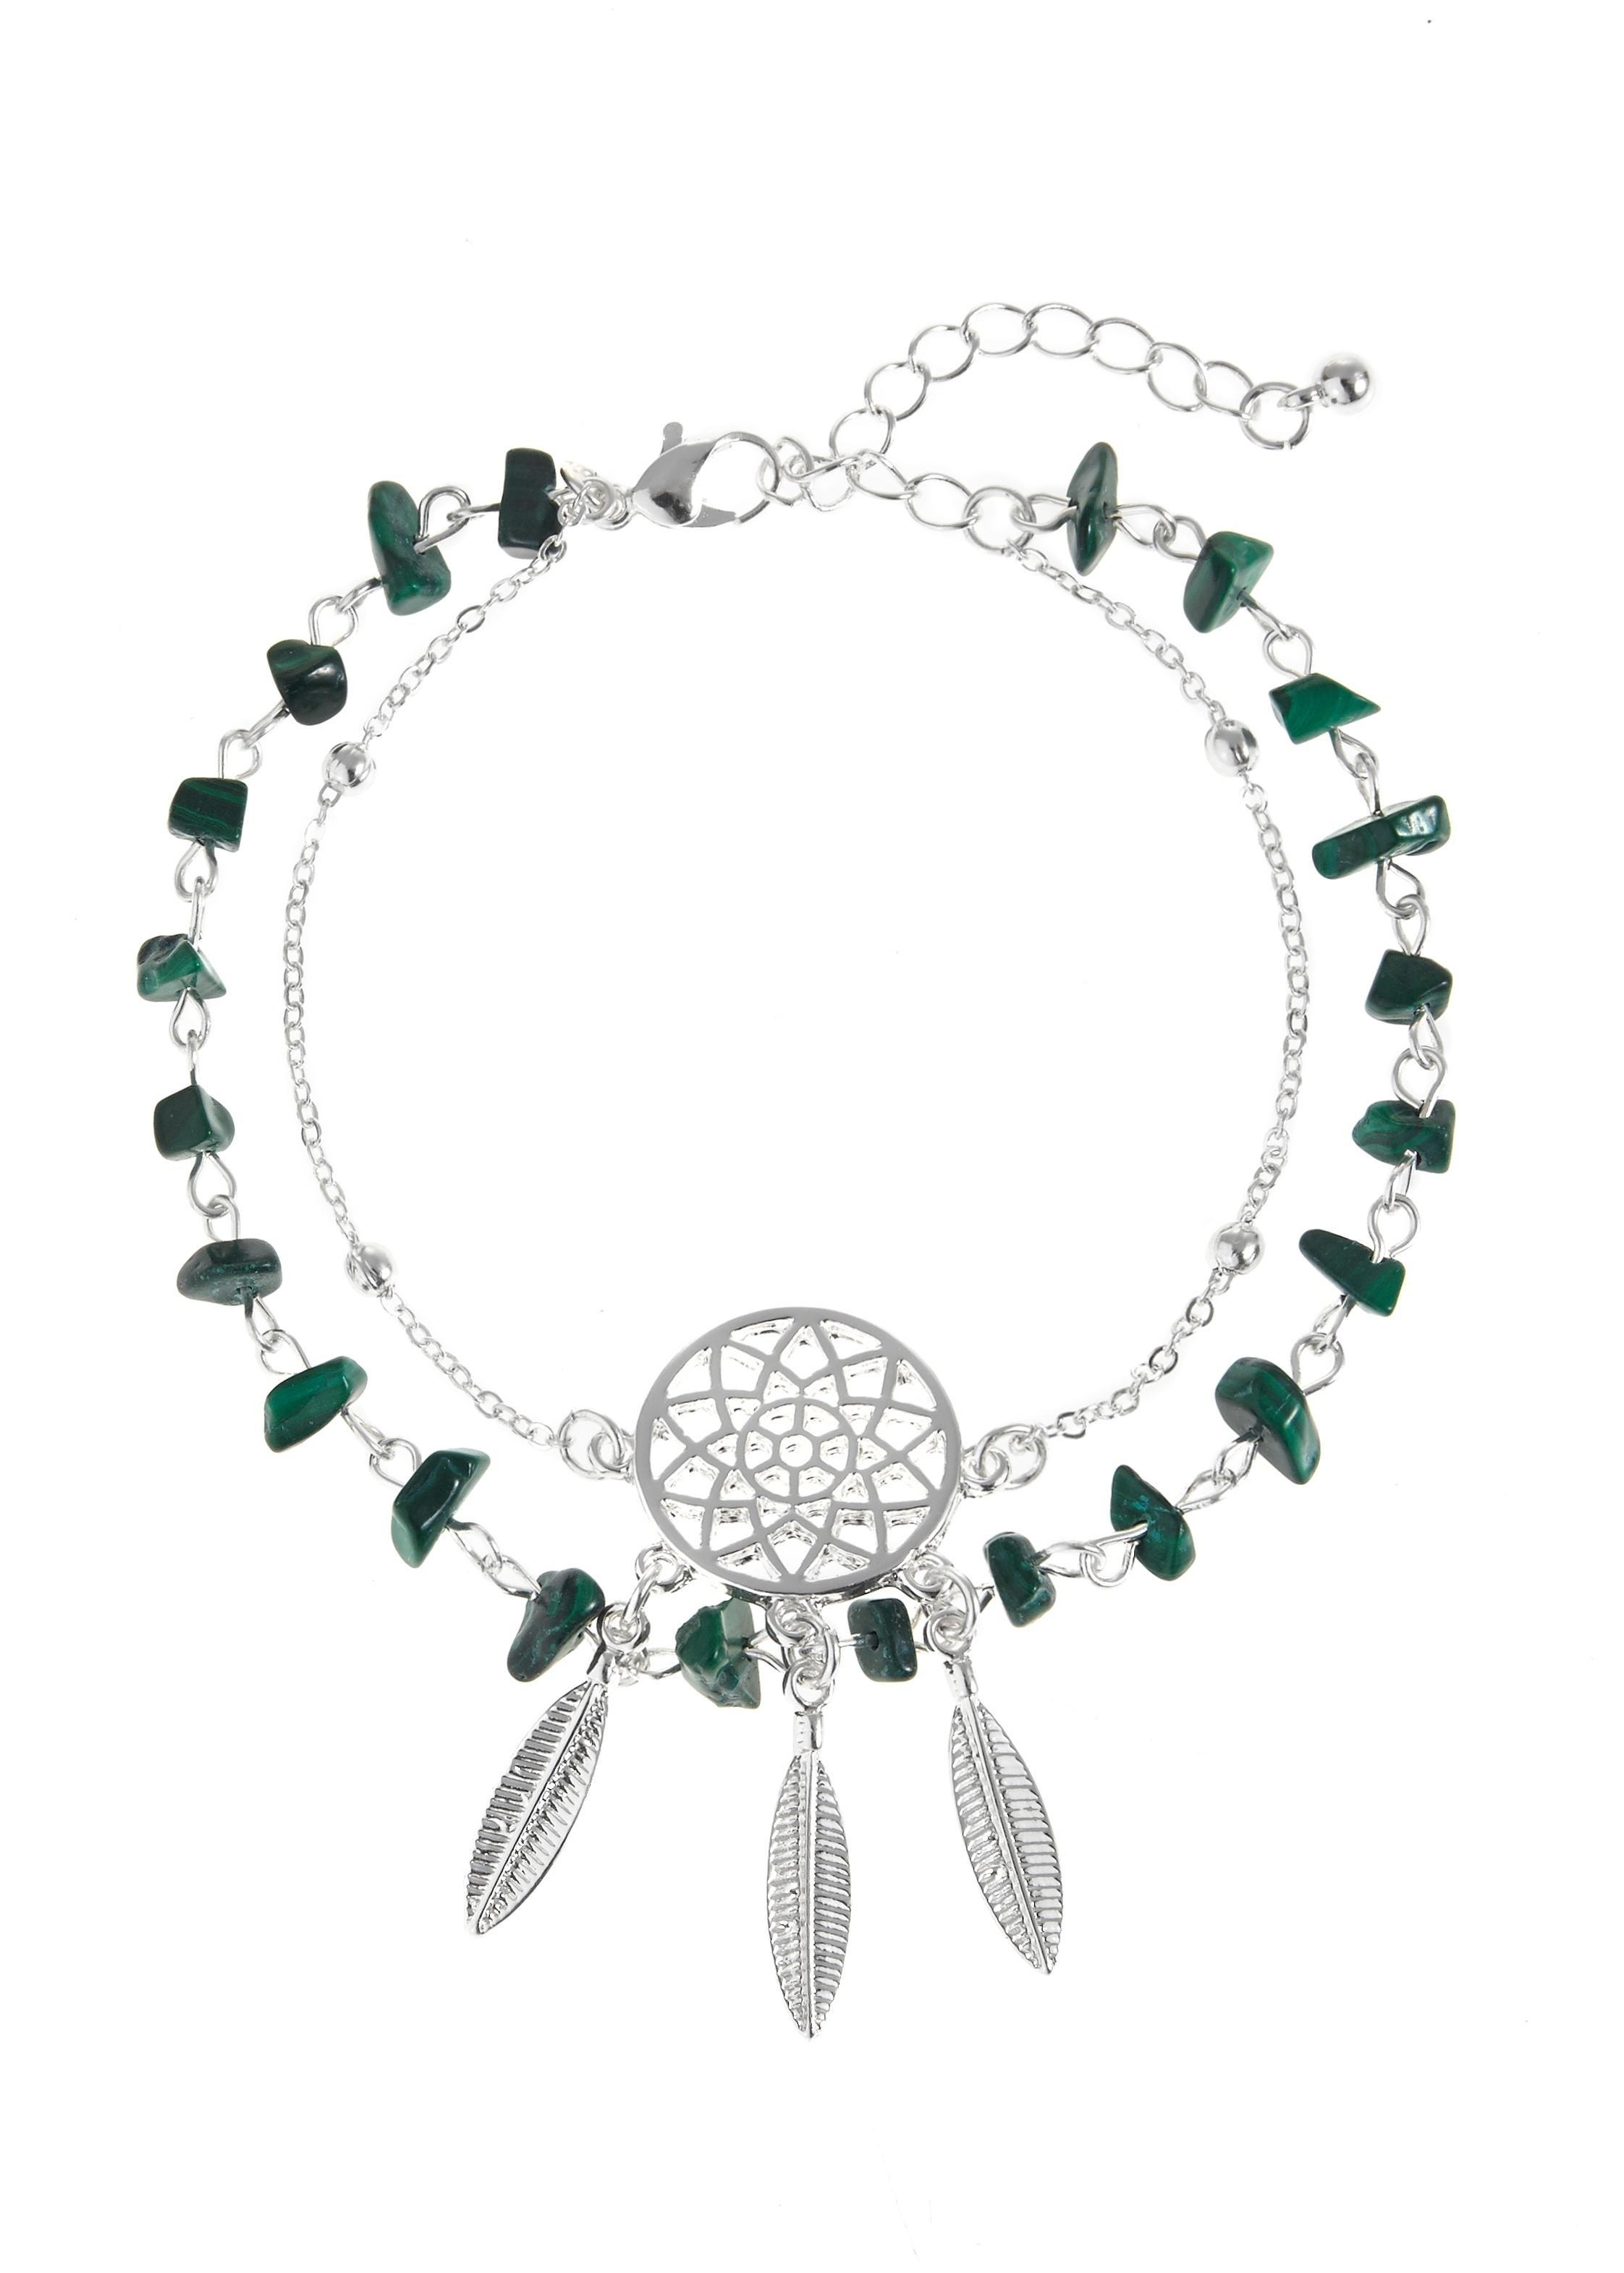 LASCANA enkelkettinkje met hanger bij Lascana online kopen